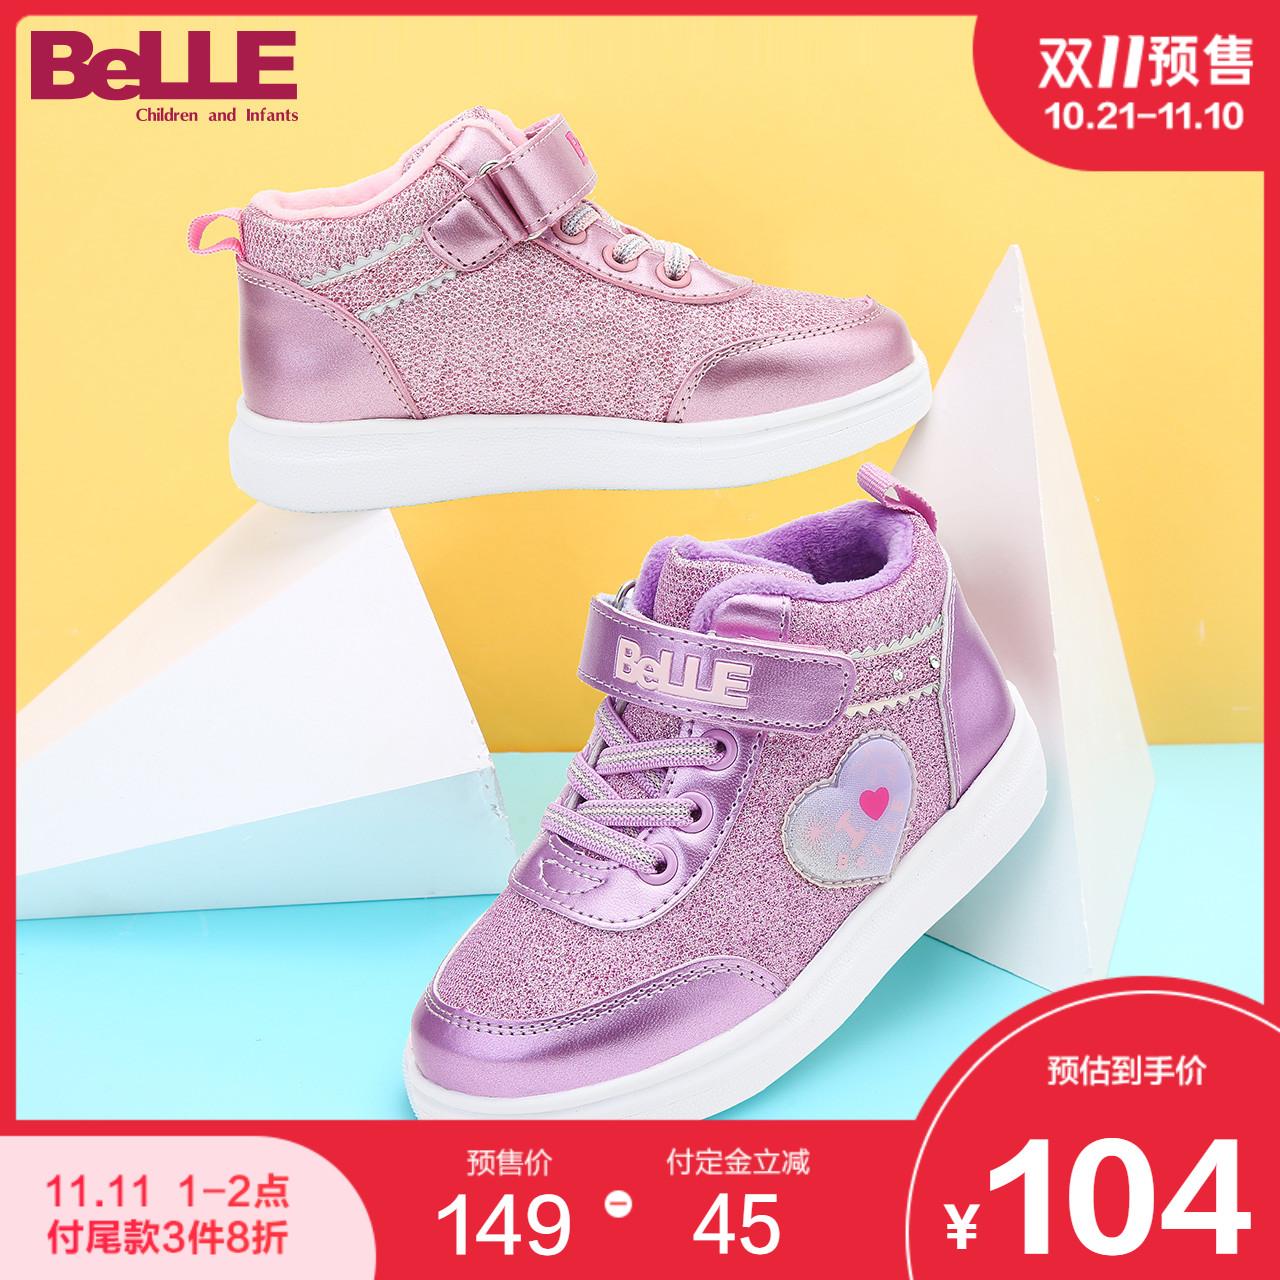 【天猫双11】双11百丽童鞋儿童休闲鞋中小童加绒保暖运动鞋女童高帮鞋 thumbnail